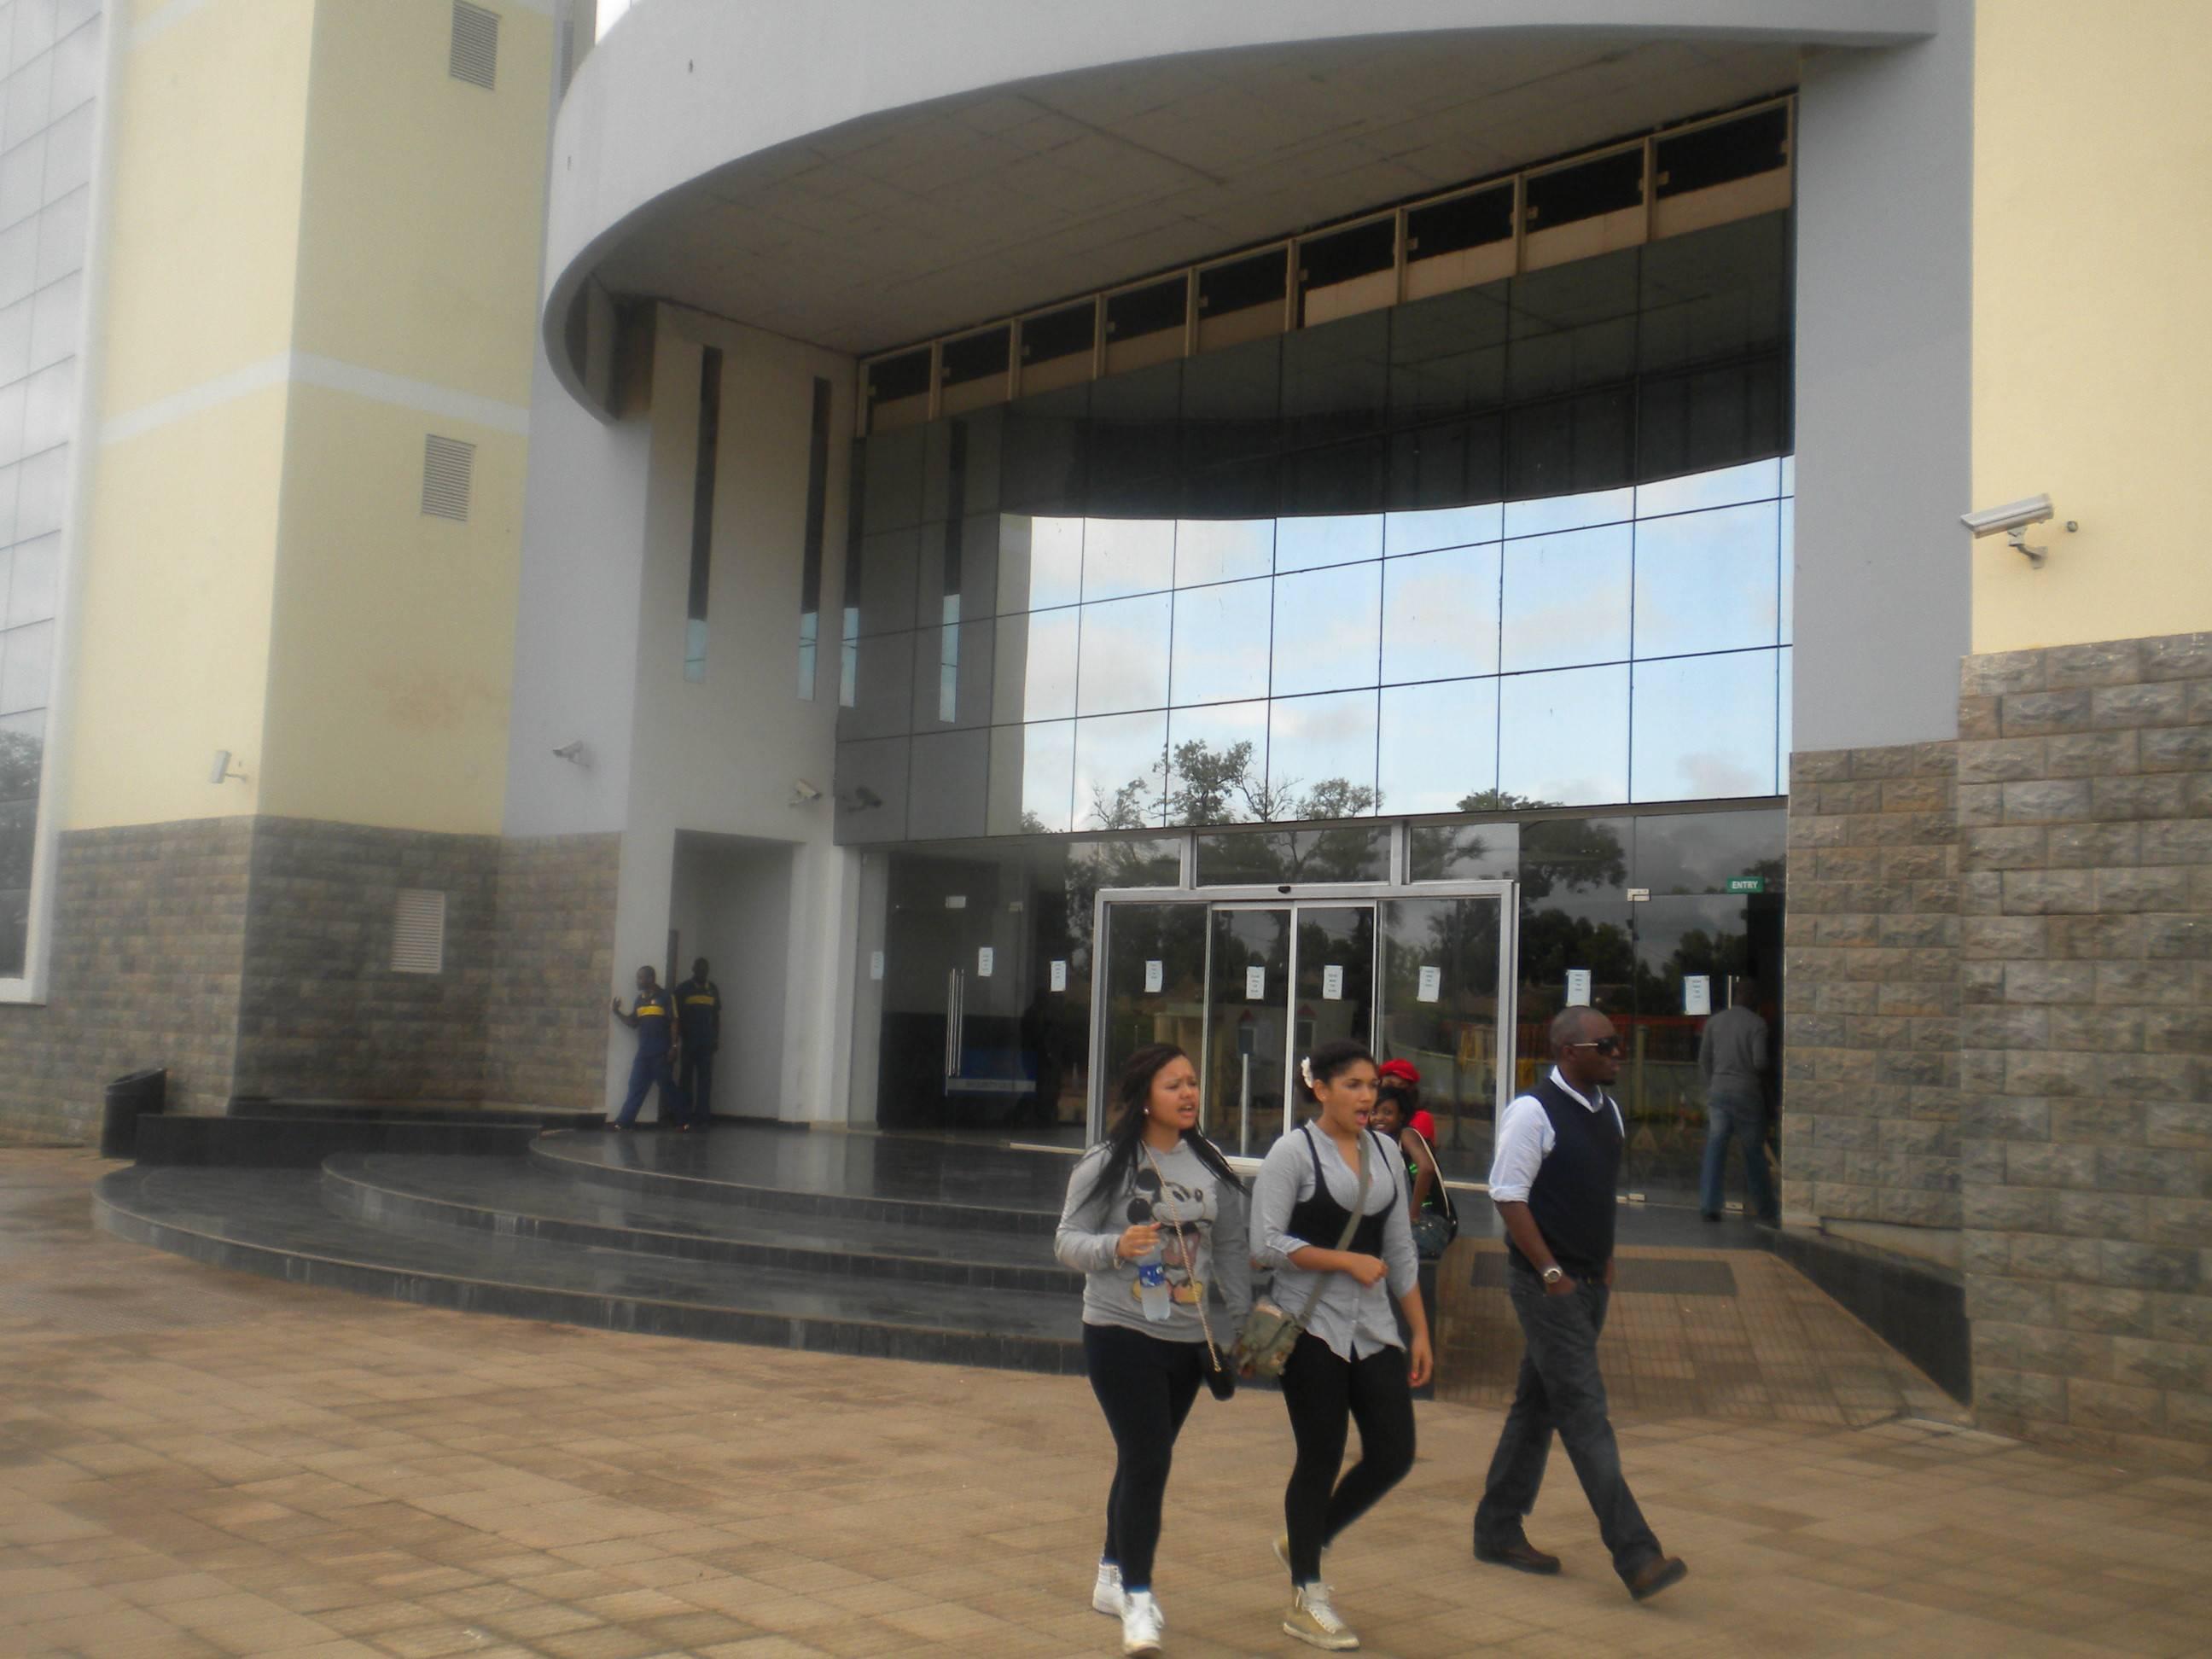 Silverbird Entertainment Center5